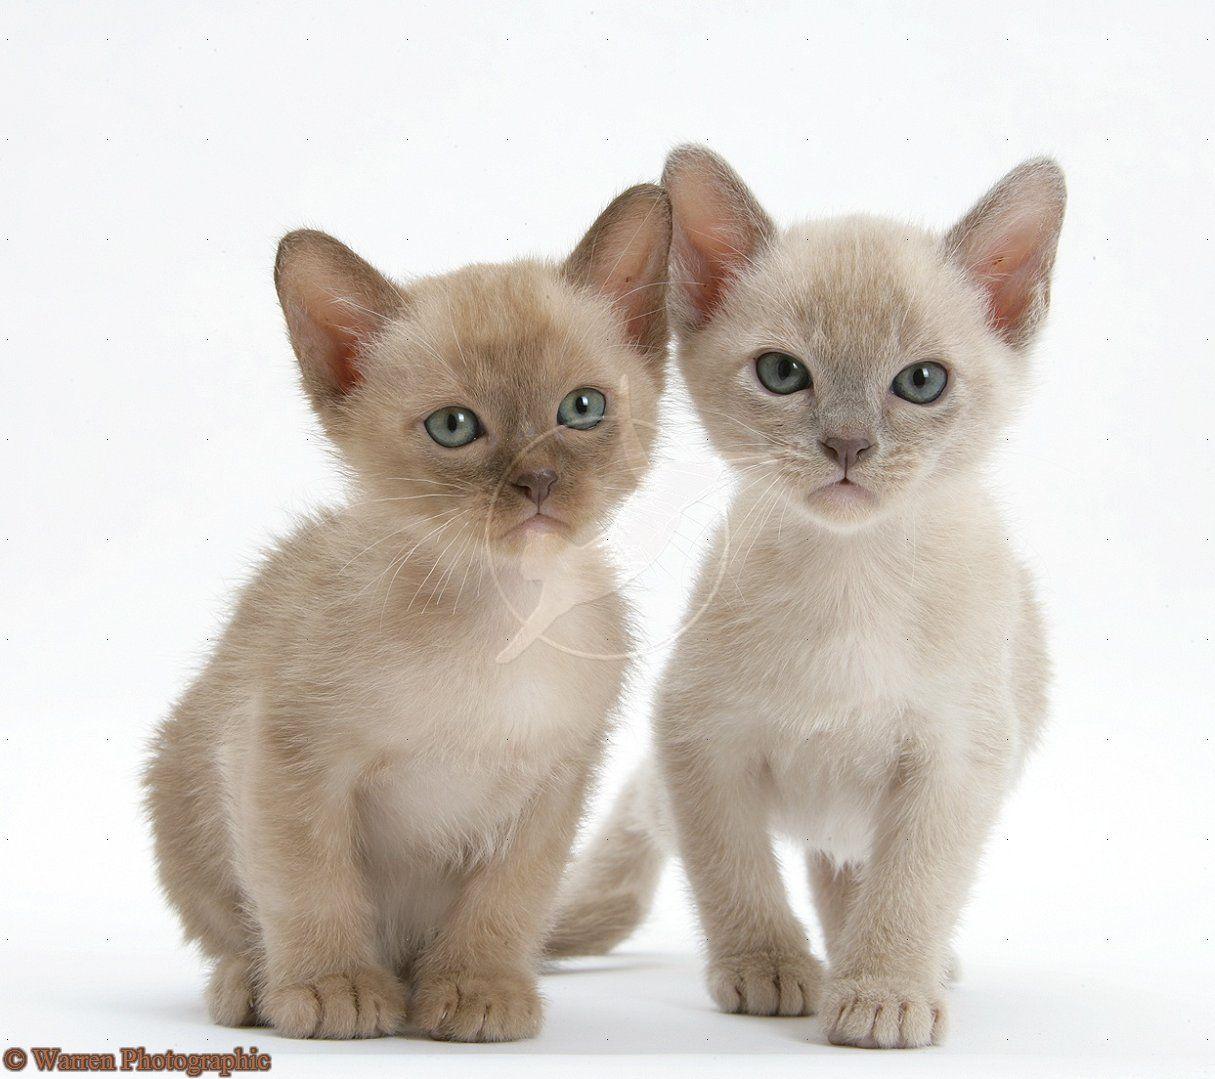 Pin Van Loesvanbeugen Op Katten Kittens In 2020 Poesje